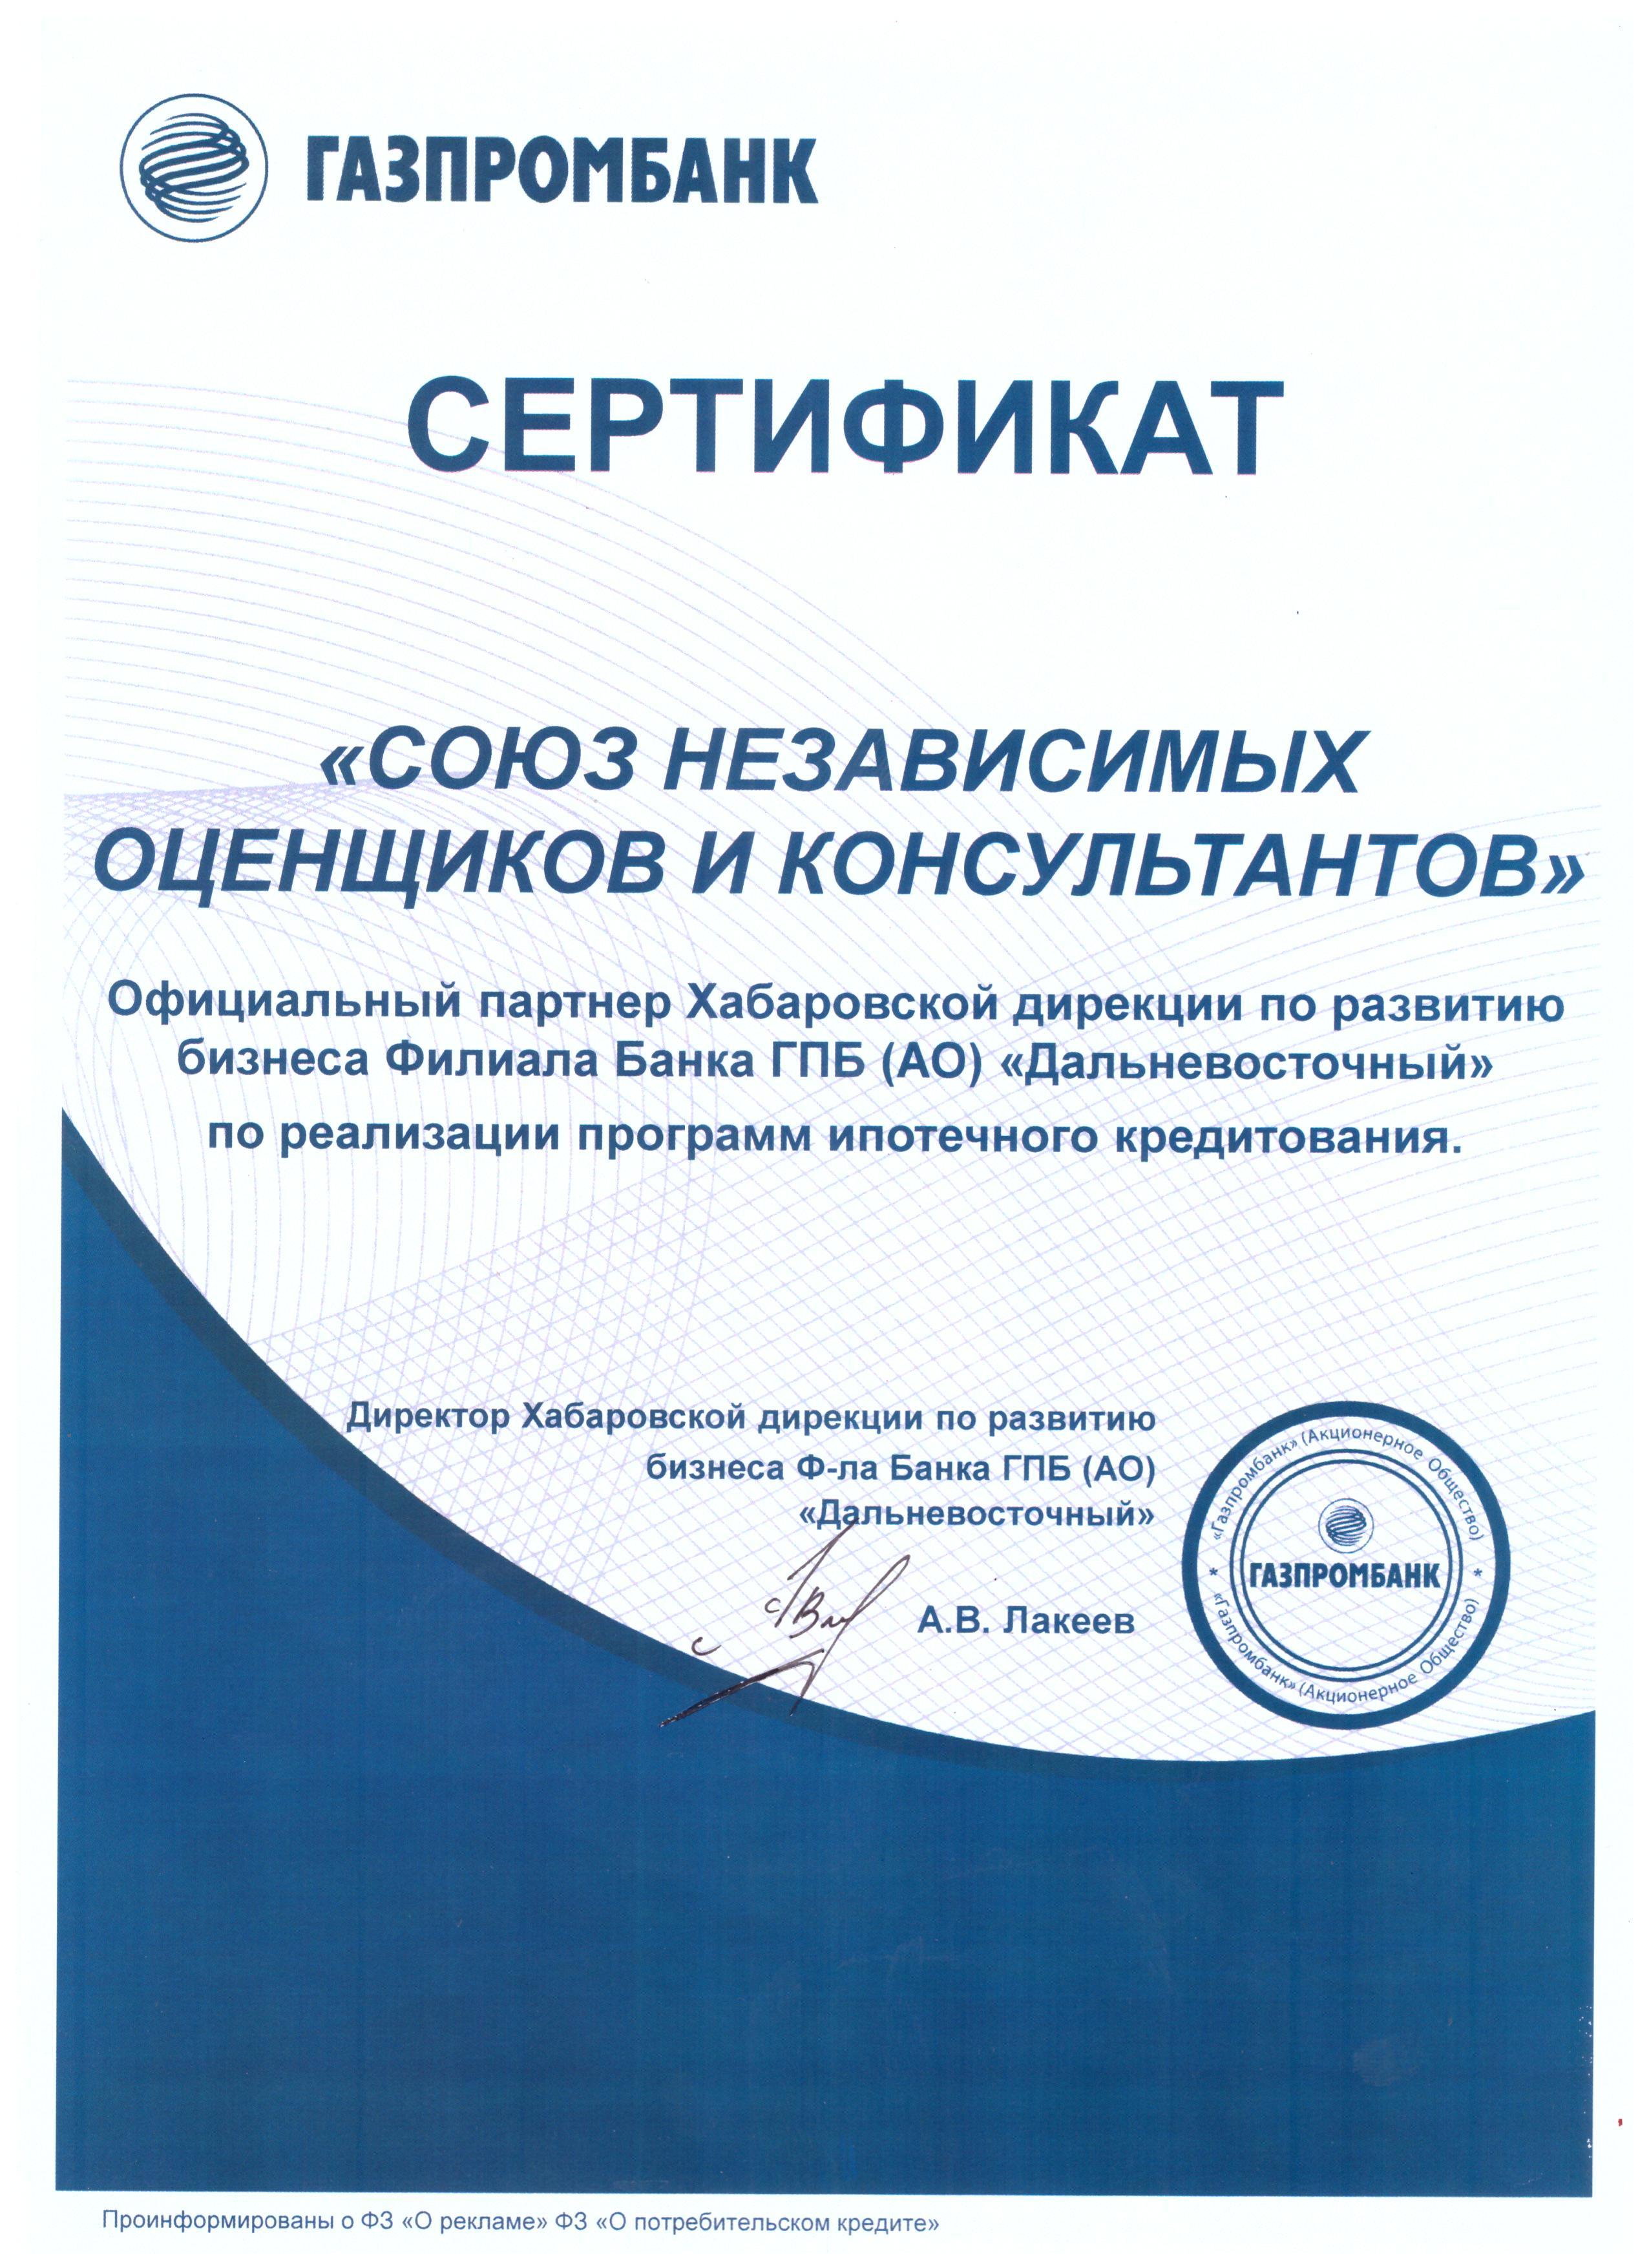 оценочная компания аккредитованная в Газпромбанке